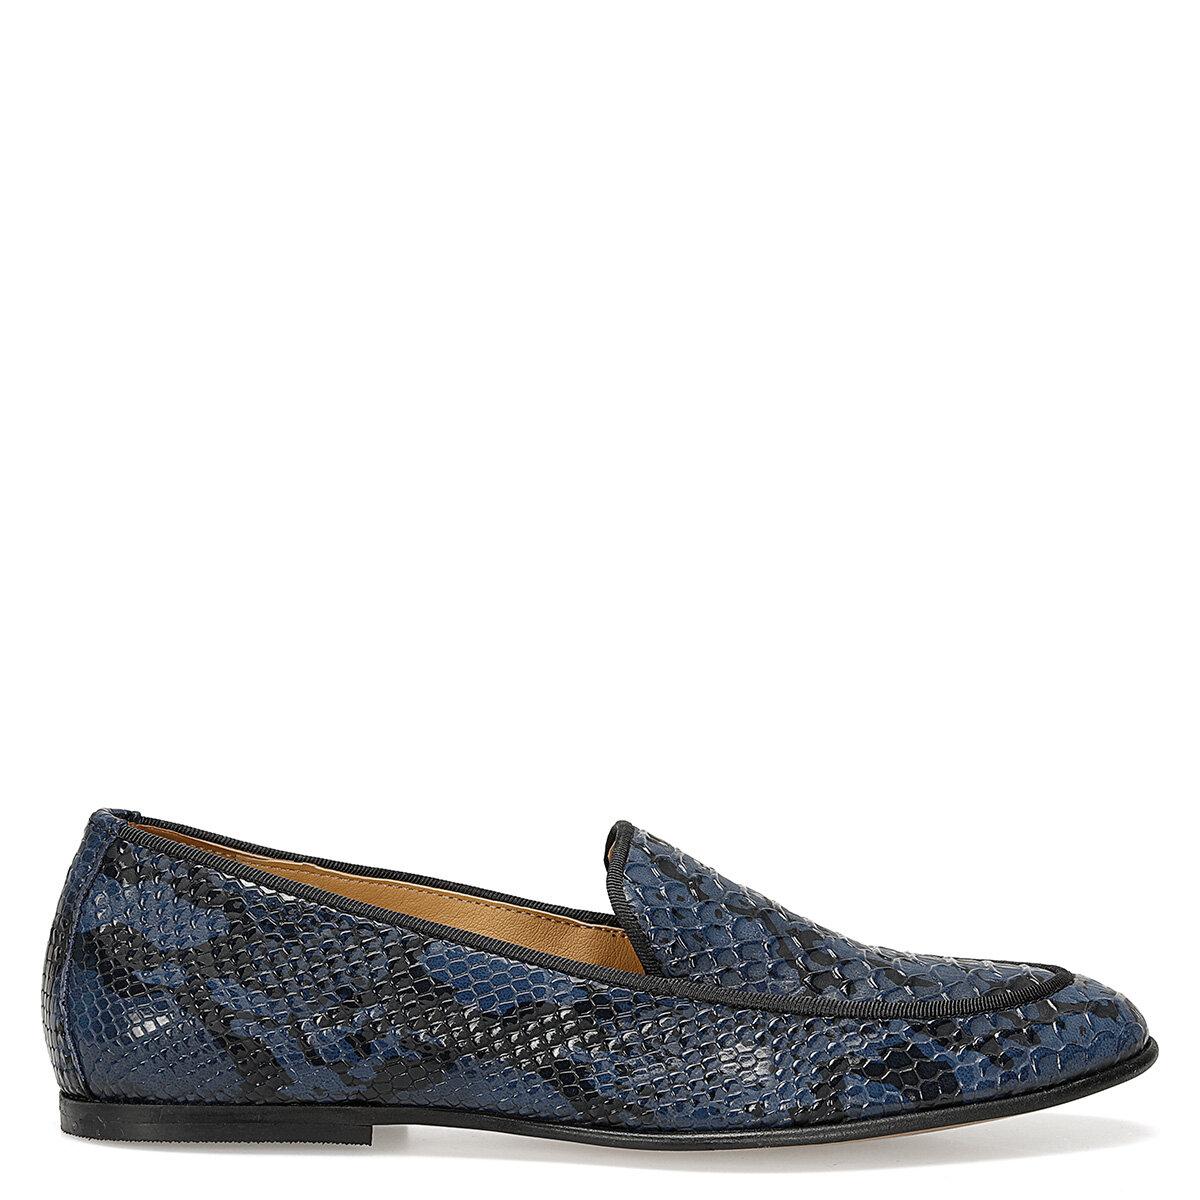 PERONI Lacivert Kadın Loafer Ayakkabı